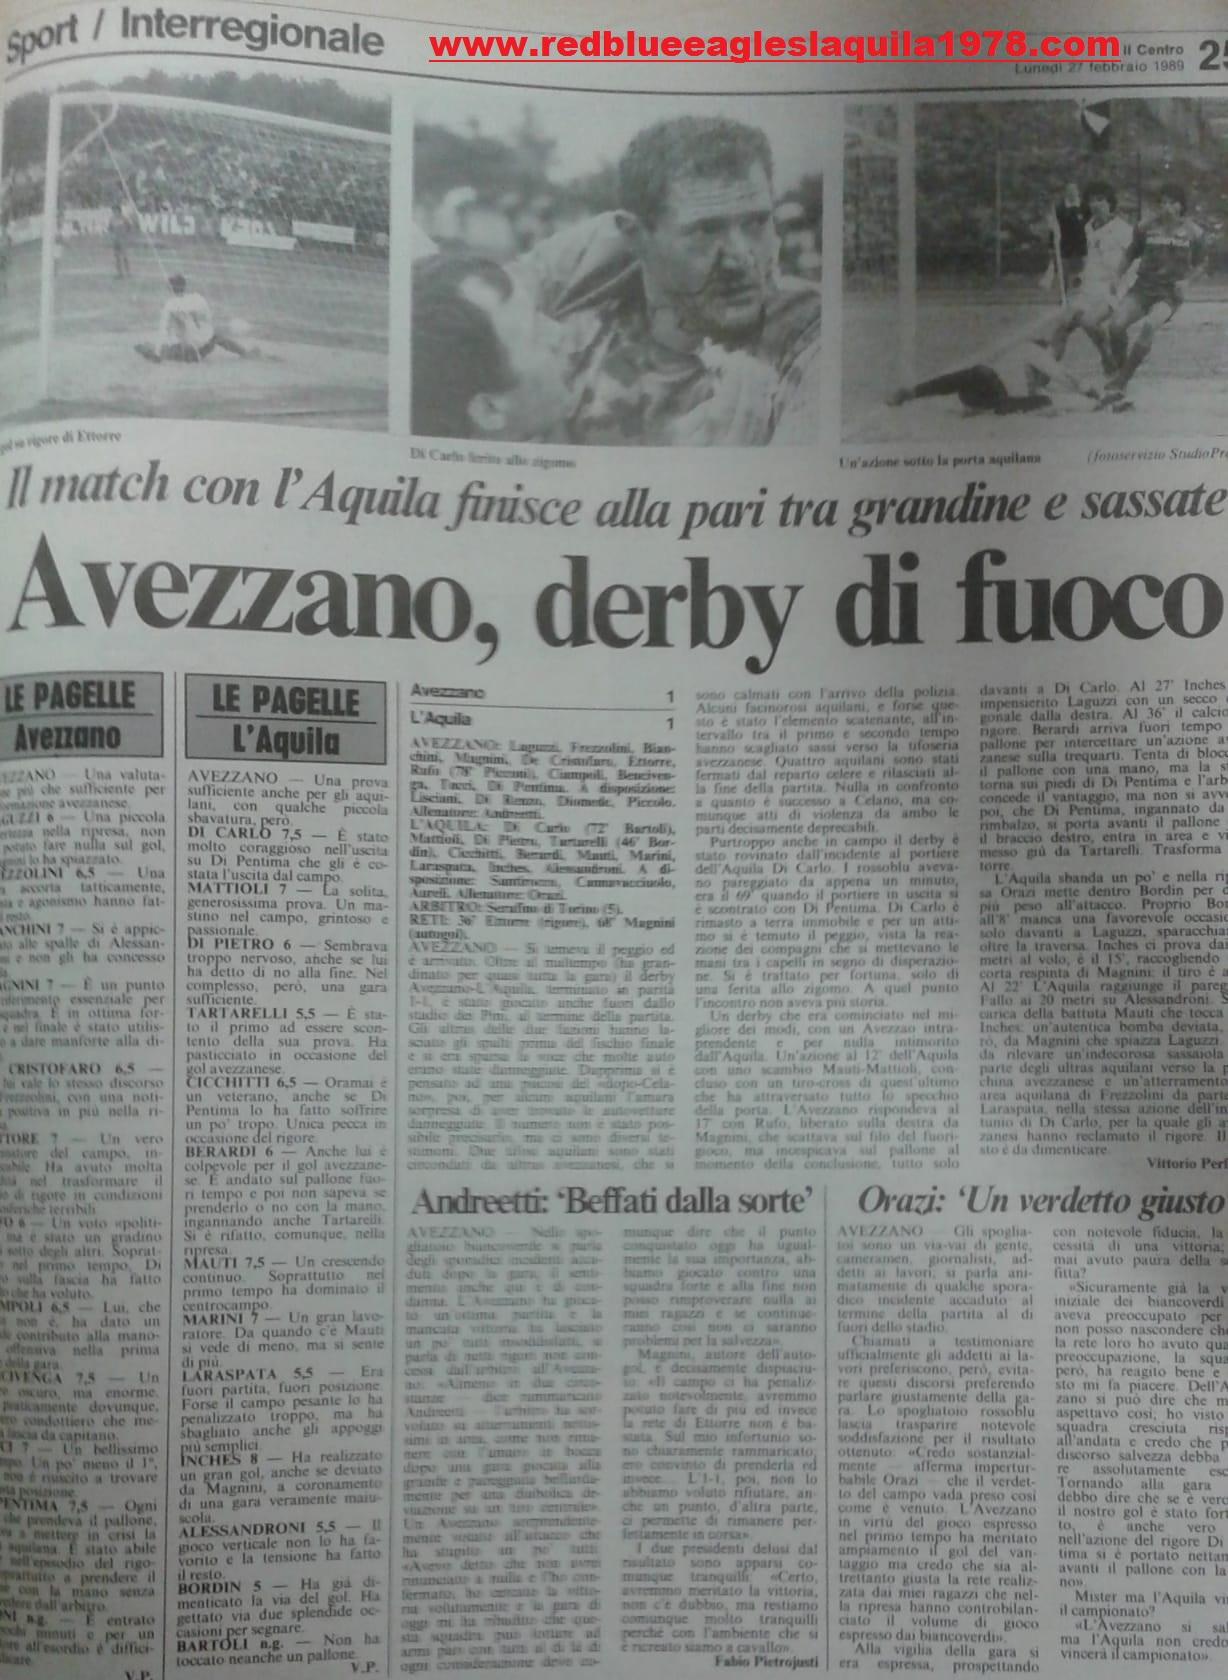 Scontri Avezzano-L'Aquila Serie D 1988-1989